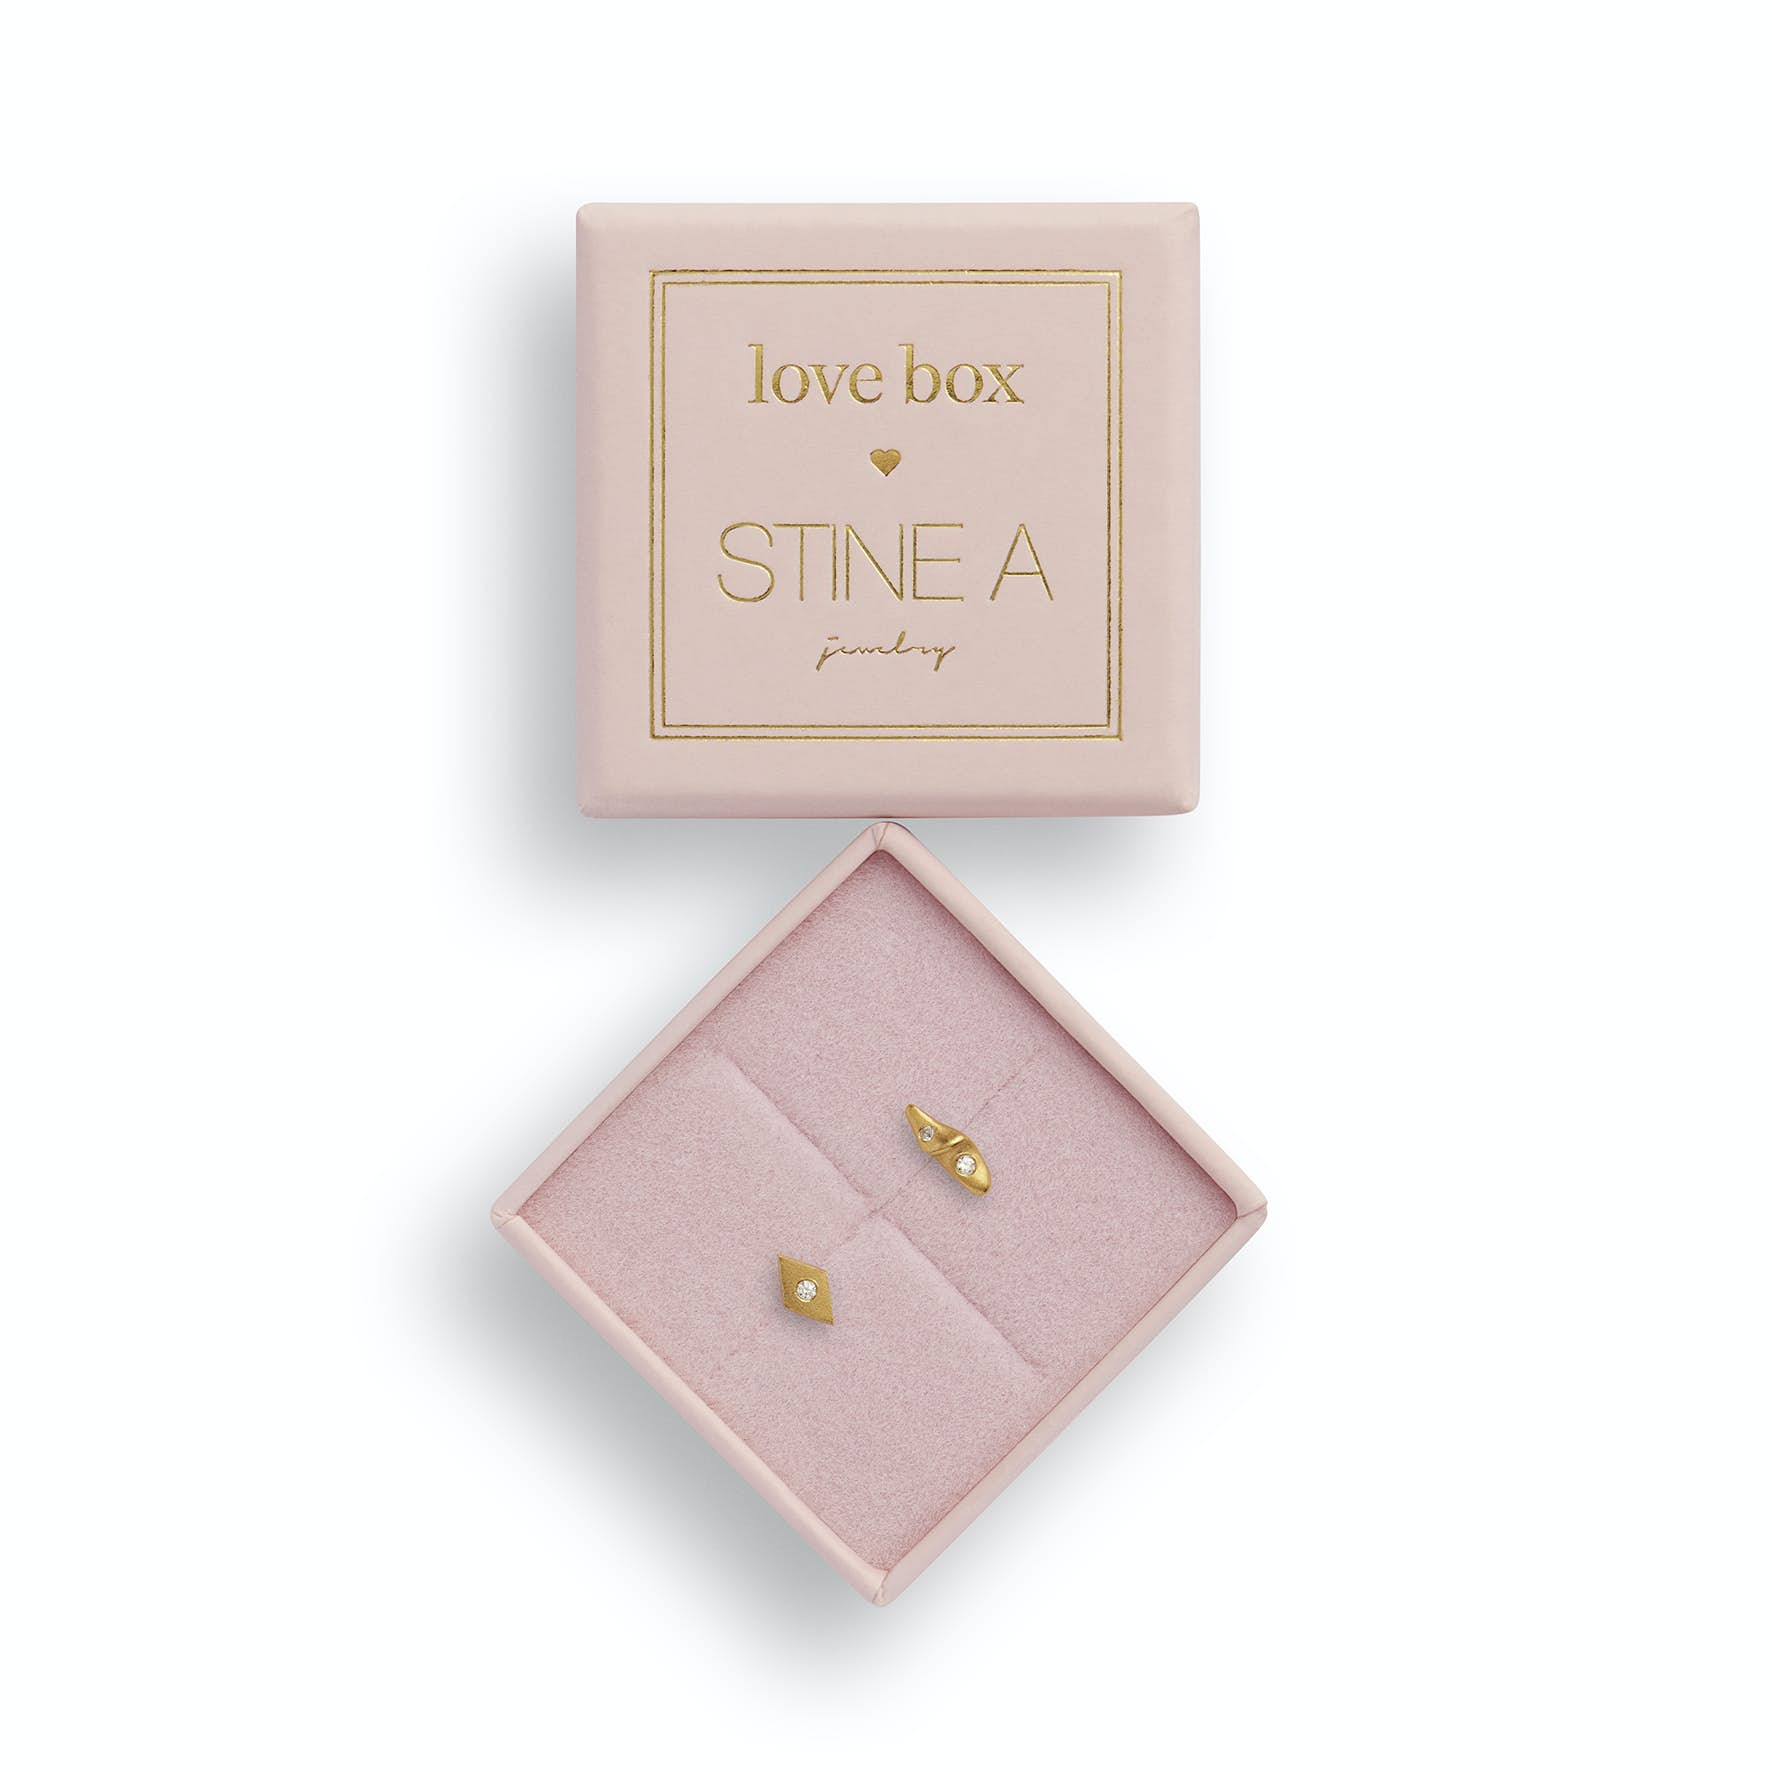 Love Box 84 fra STINE A Jewelry i Forgylt-Sølv Sterling 925